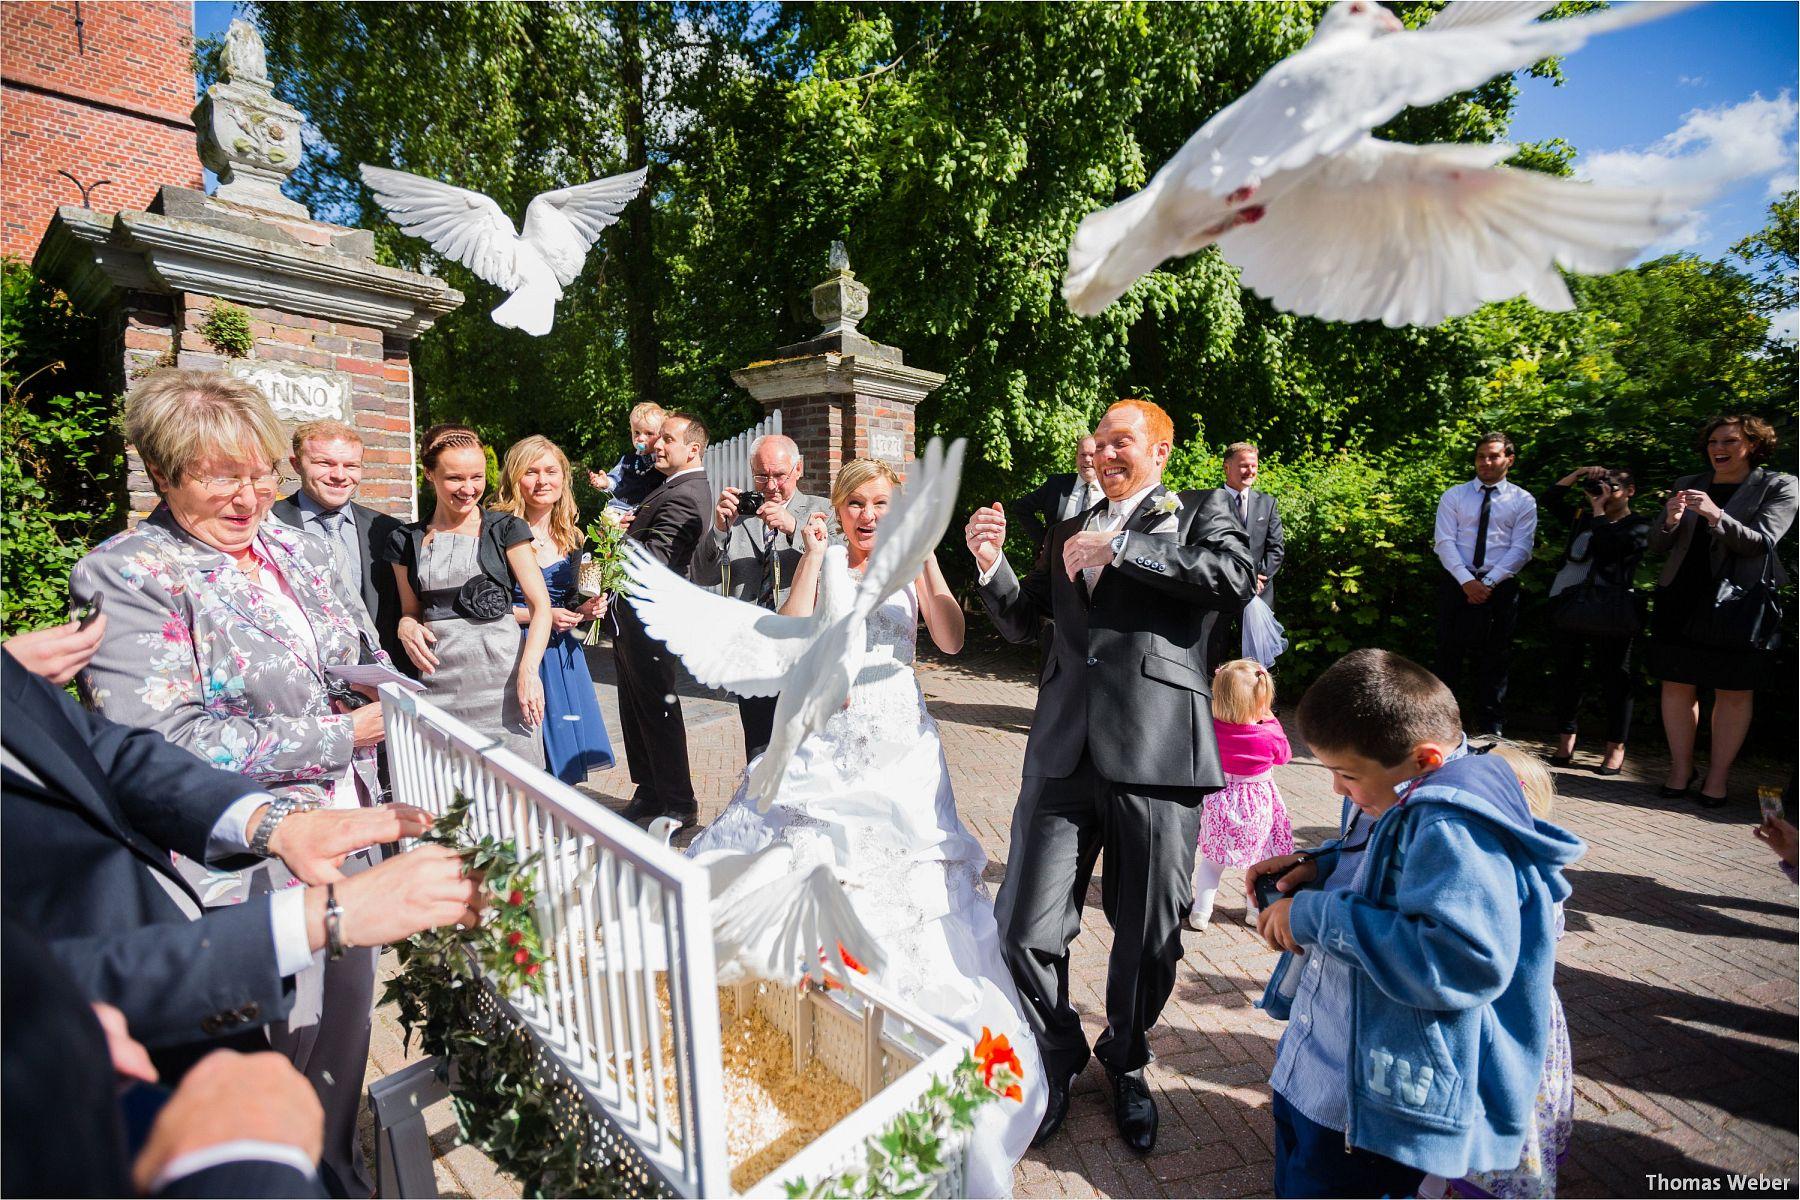 Hochzeitsfotograf Papenburg: Standesamtliche Trauung auf der Burg Kniphausen und Feier im Le Patron am Meer (55)